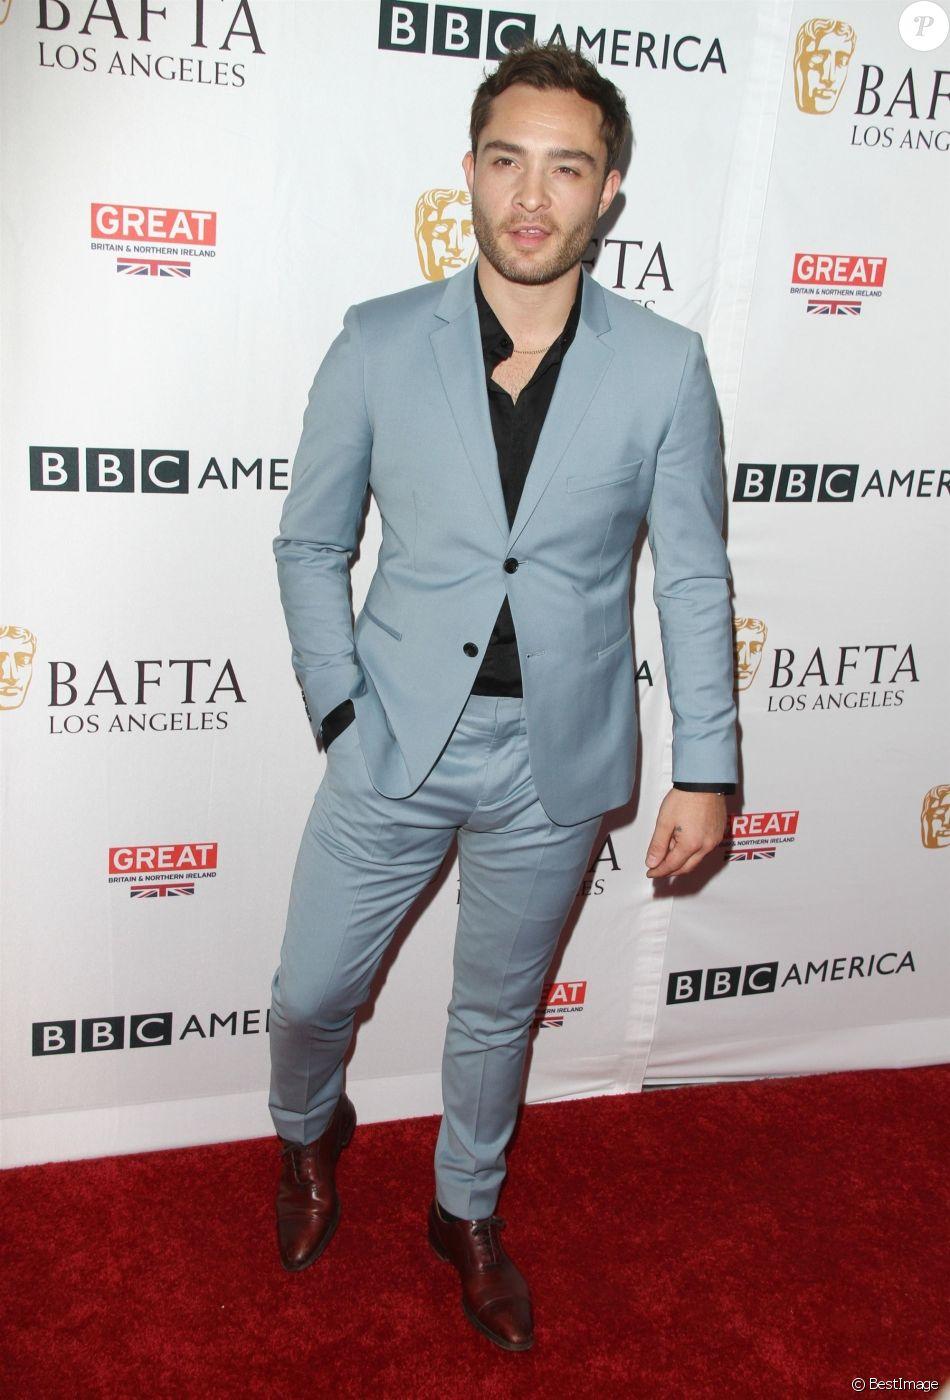 Ed Westwick à la soirée BAFTA TV Tea 2017 à l'hôtel Beverly Hilton à Beverly Hills, le 16 septembre 2017.